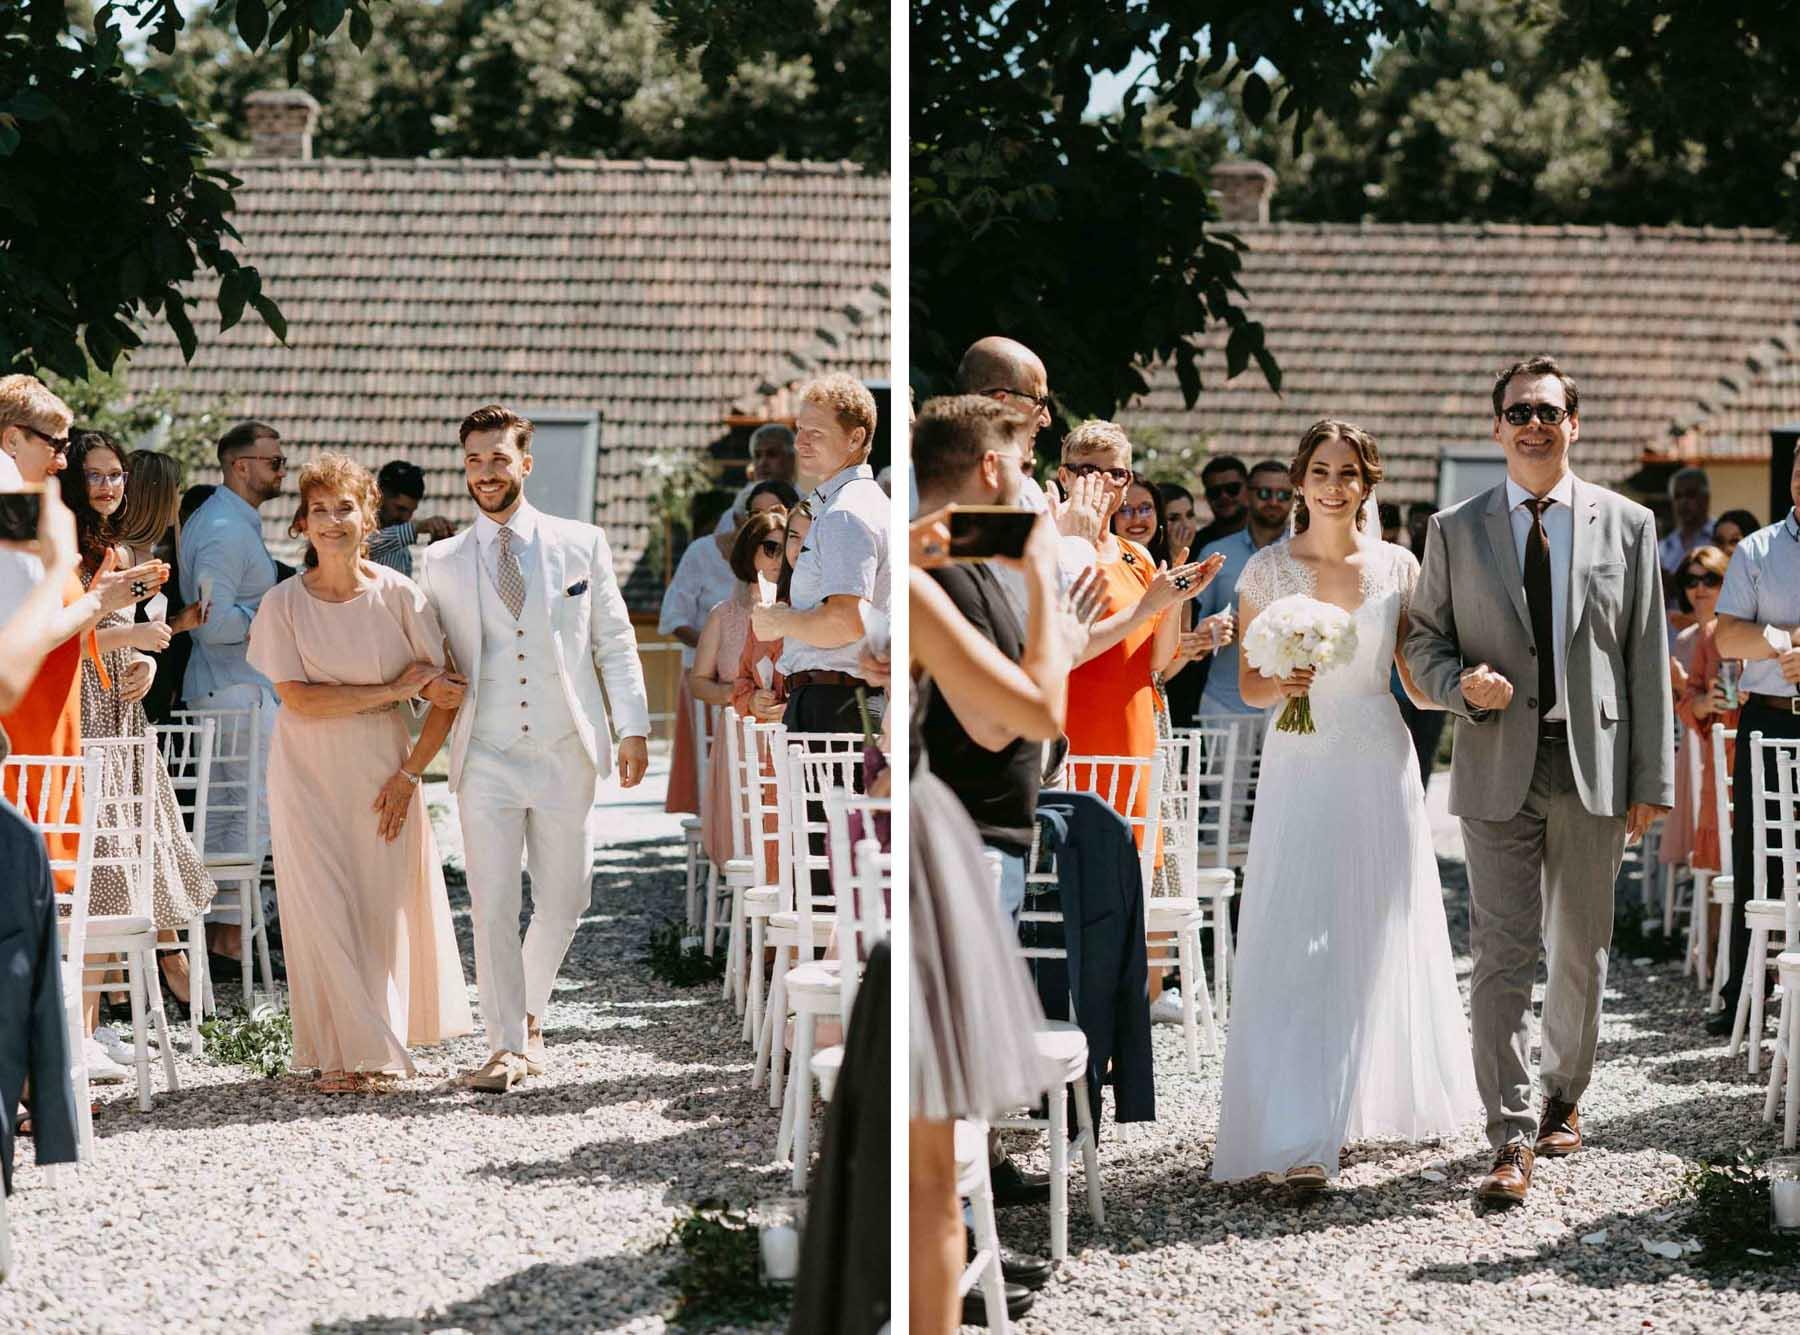 Cautand femeie daneza pentru nunta Site ul de prezentare amuzant